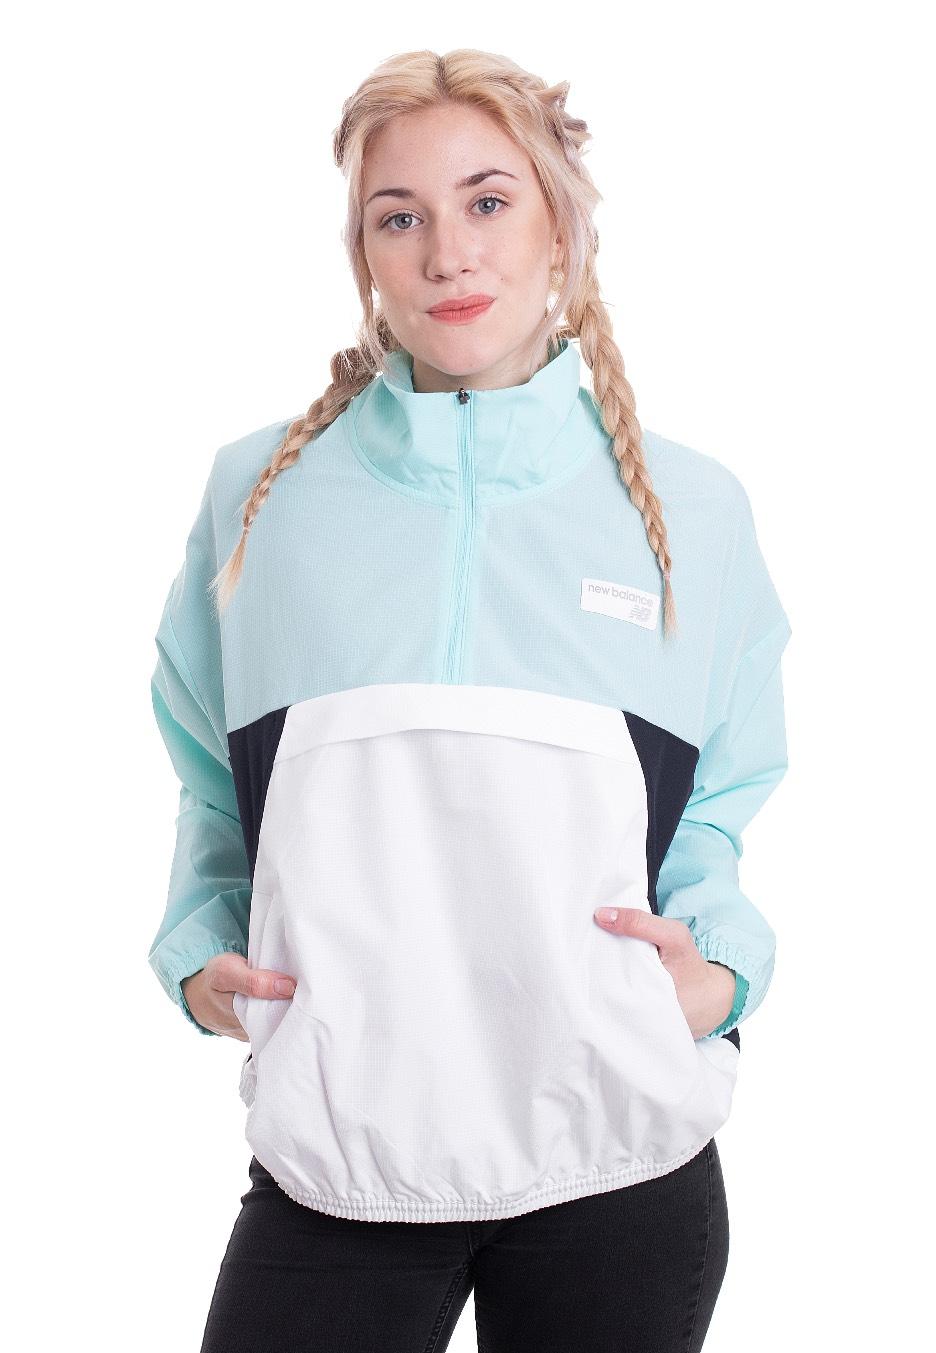 Jacken für Frauen - New Balance WJ91557 Light Reef Jacken  - Onlineshop IMPERICON